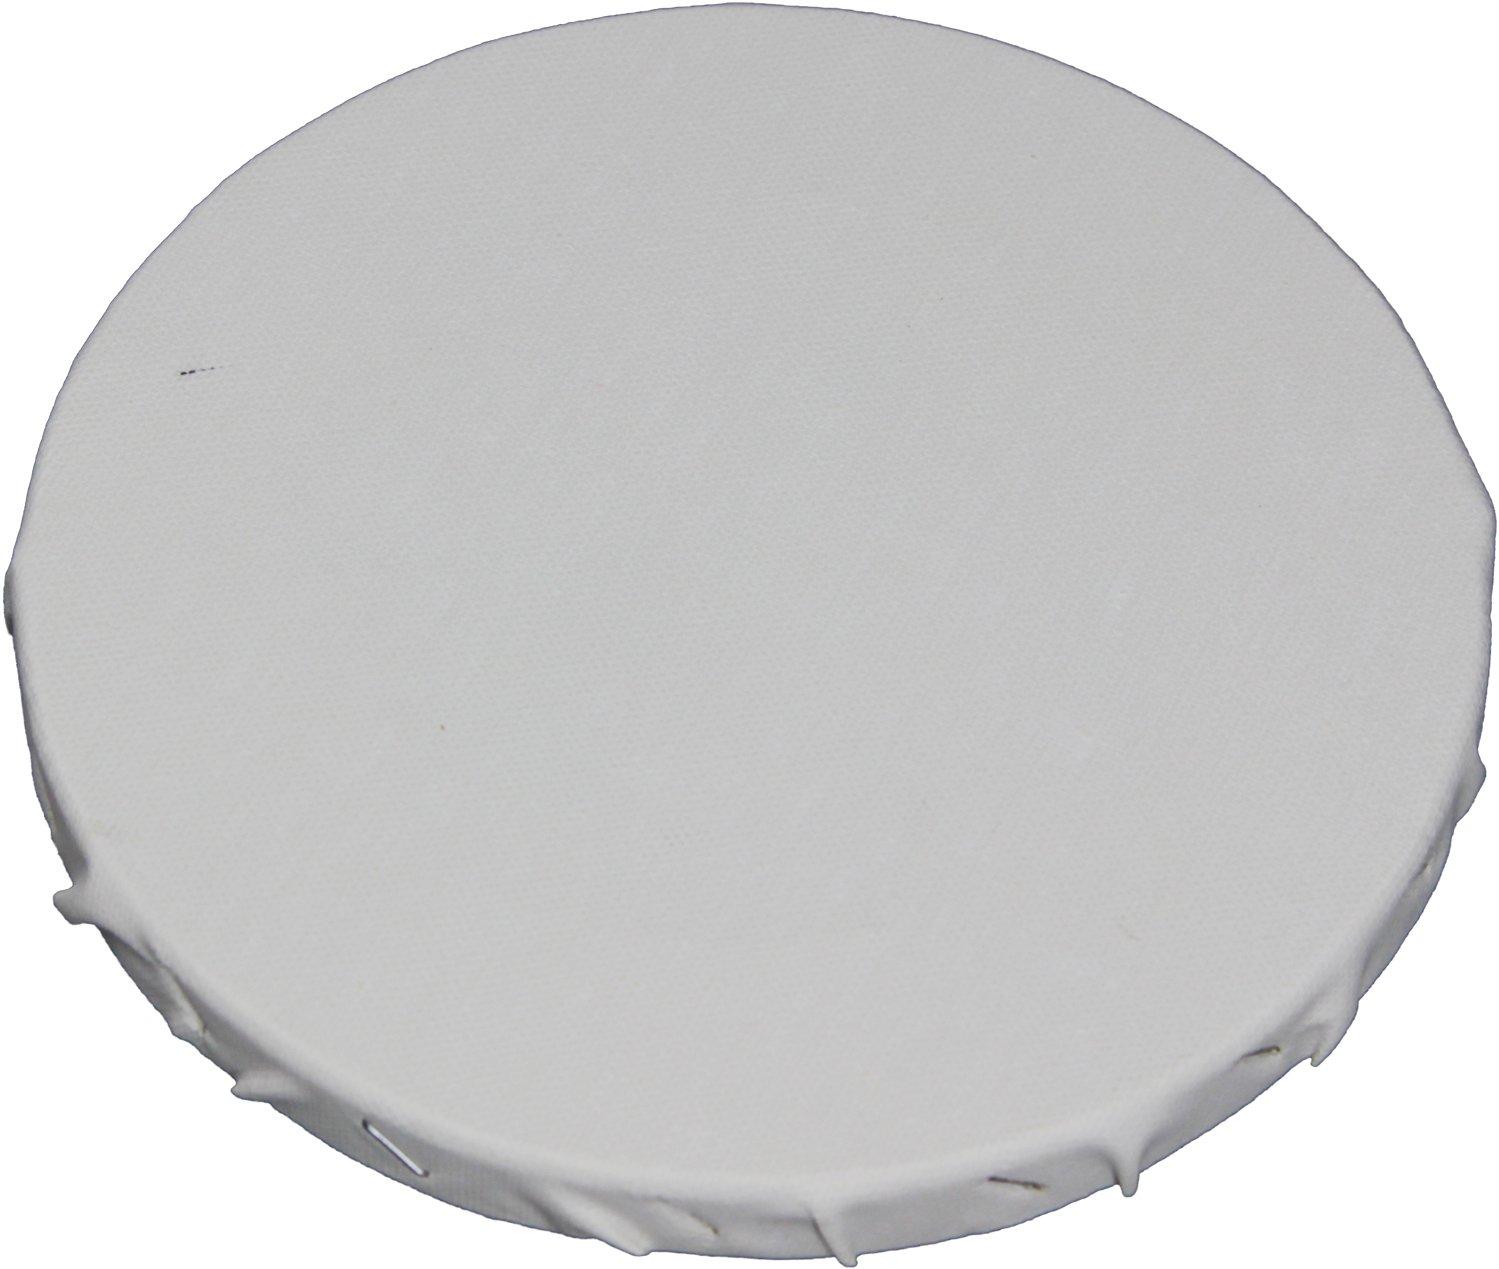 5 Keilrahmen rund Durchmesser 60 cm